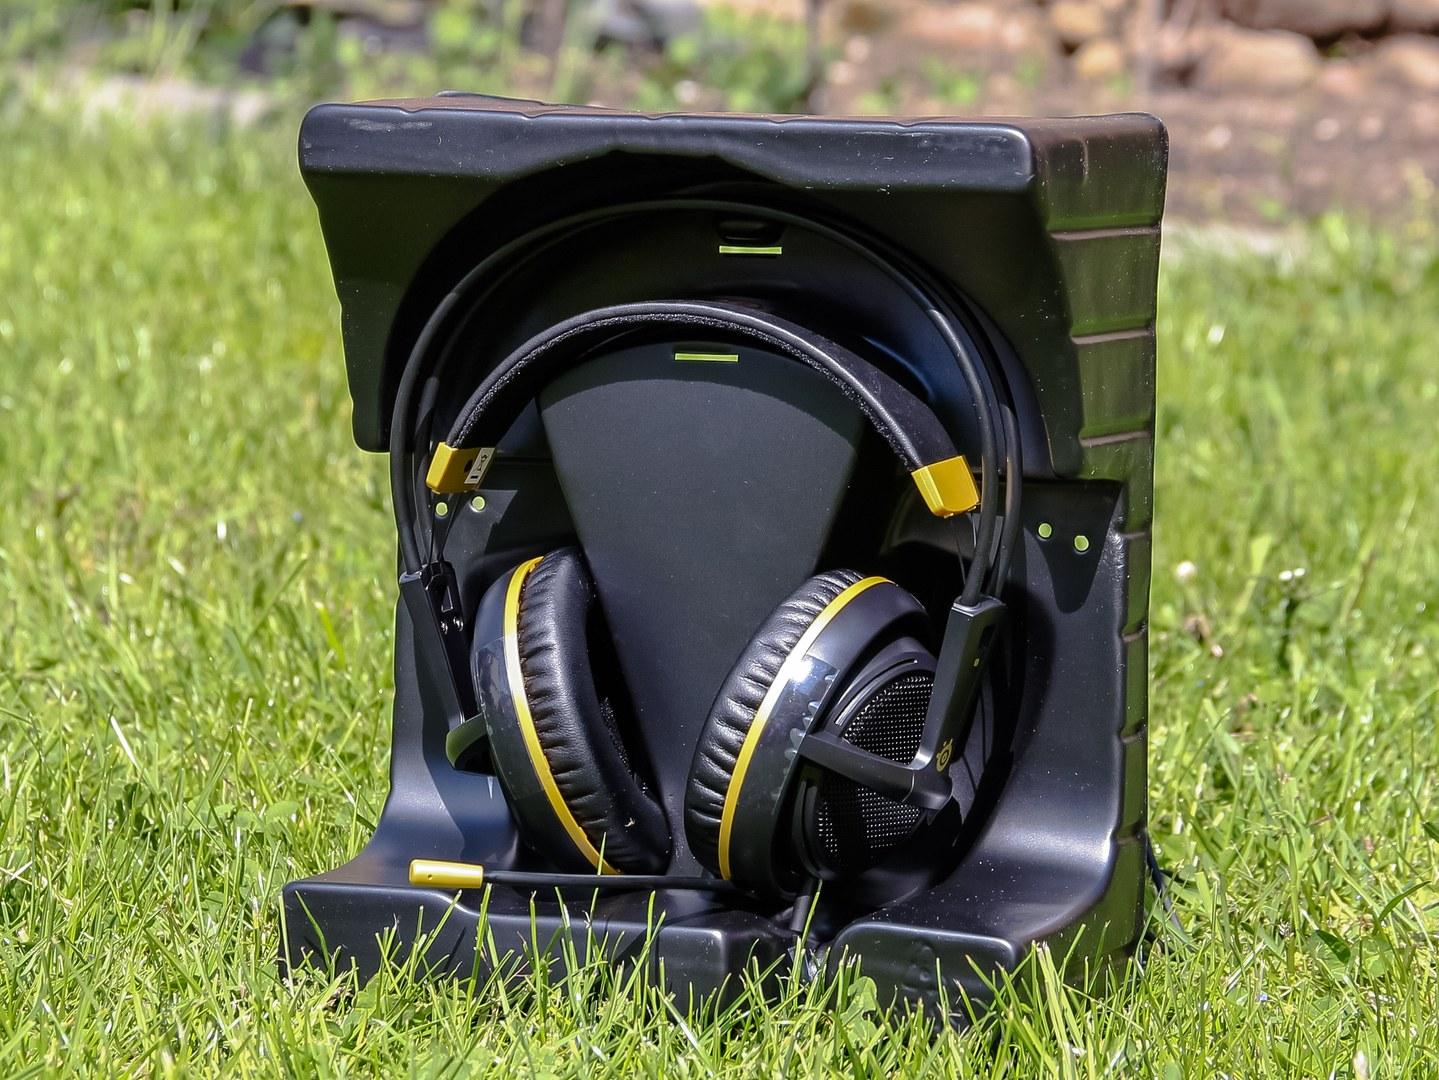 Minitest herního headsetu SteelSeries Siberia 200